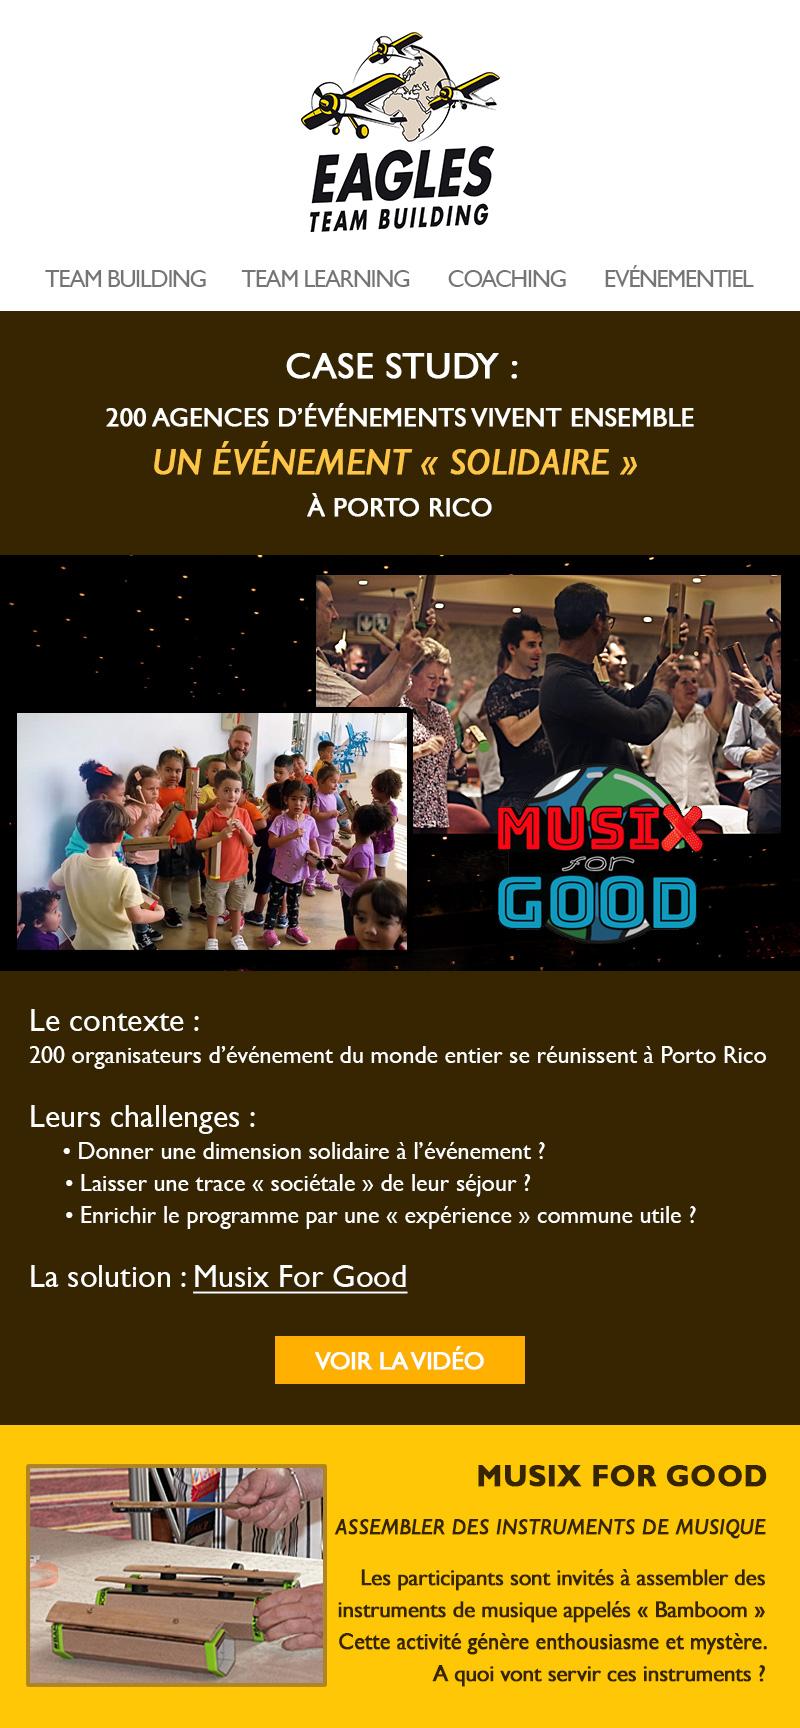 Vivez un événement solidaire - Musix For Good